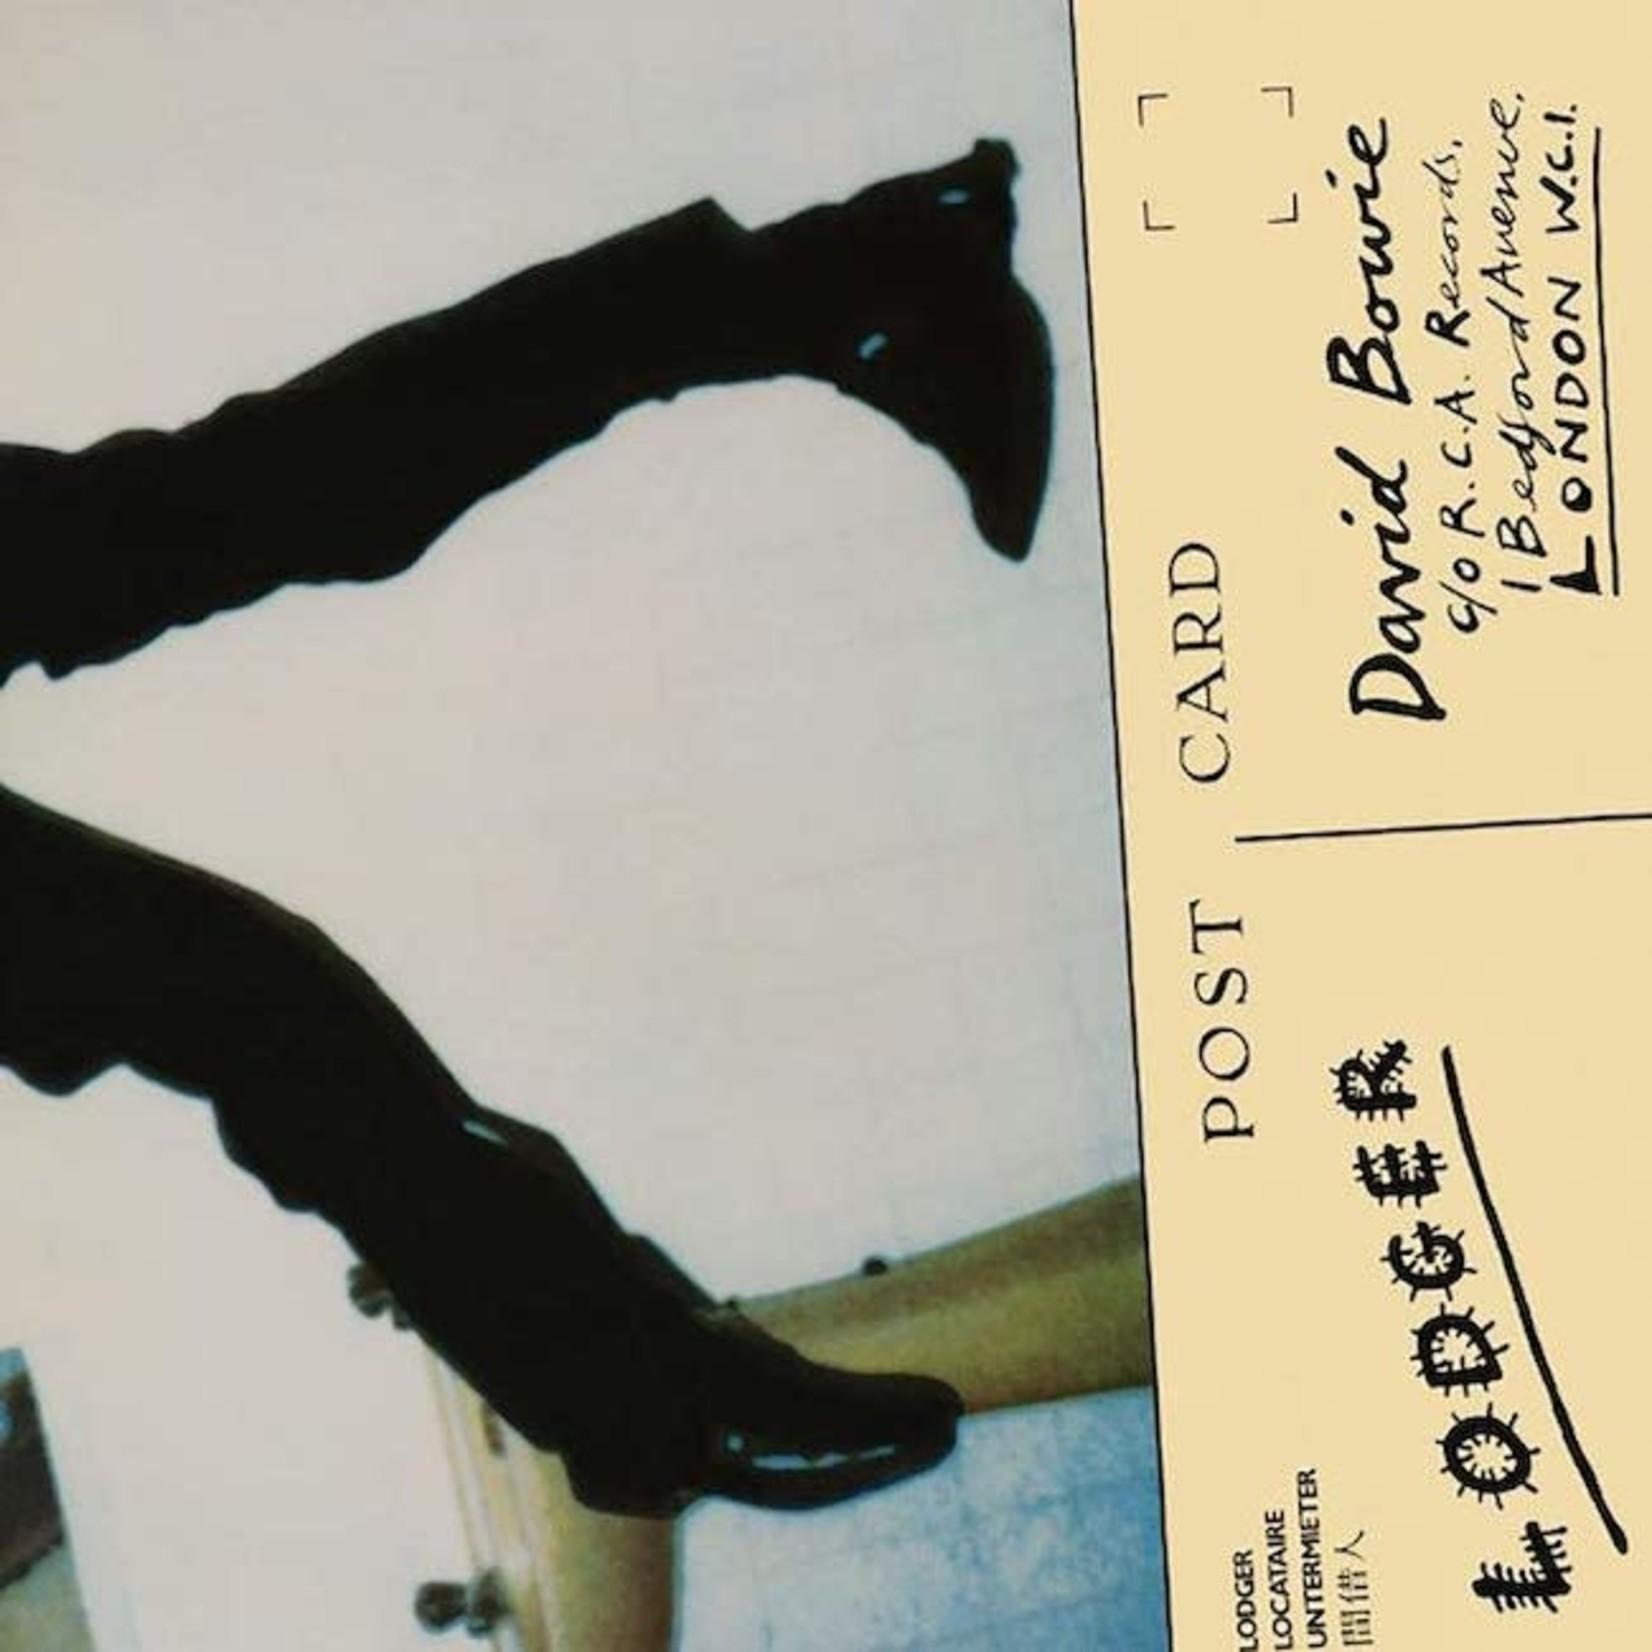 [Vintage] Bowie, David: Lodger